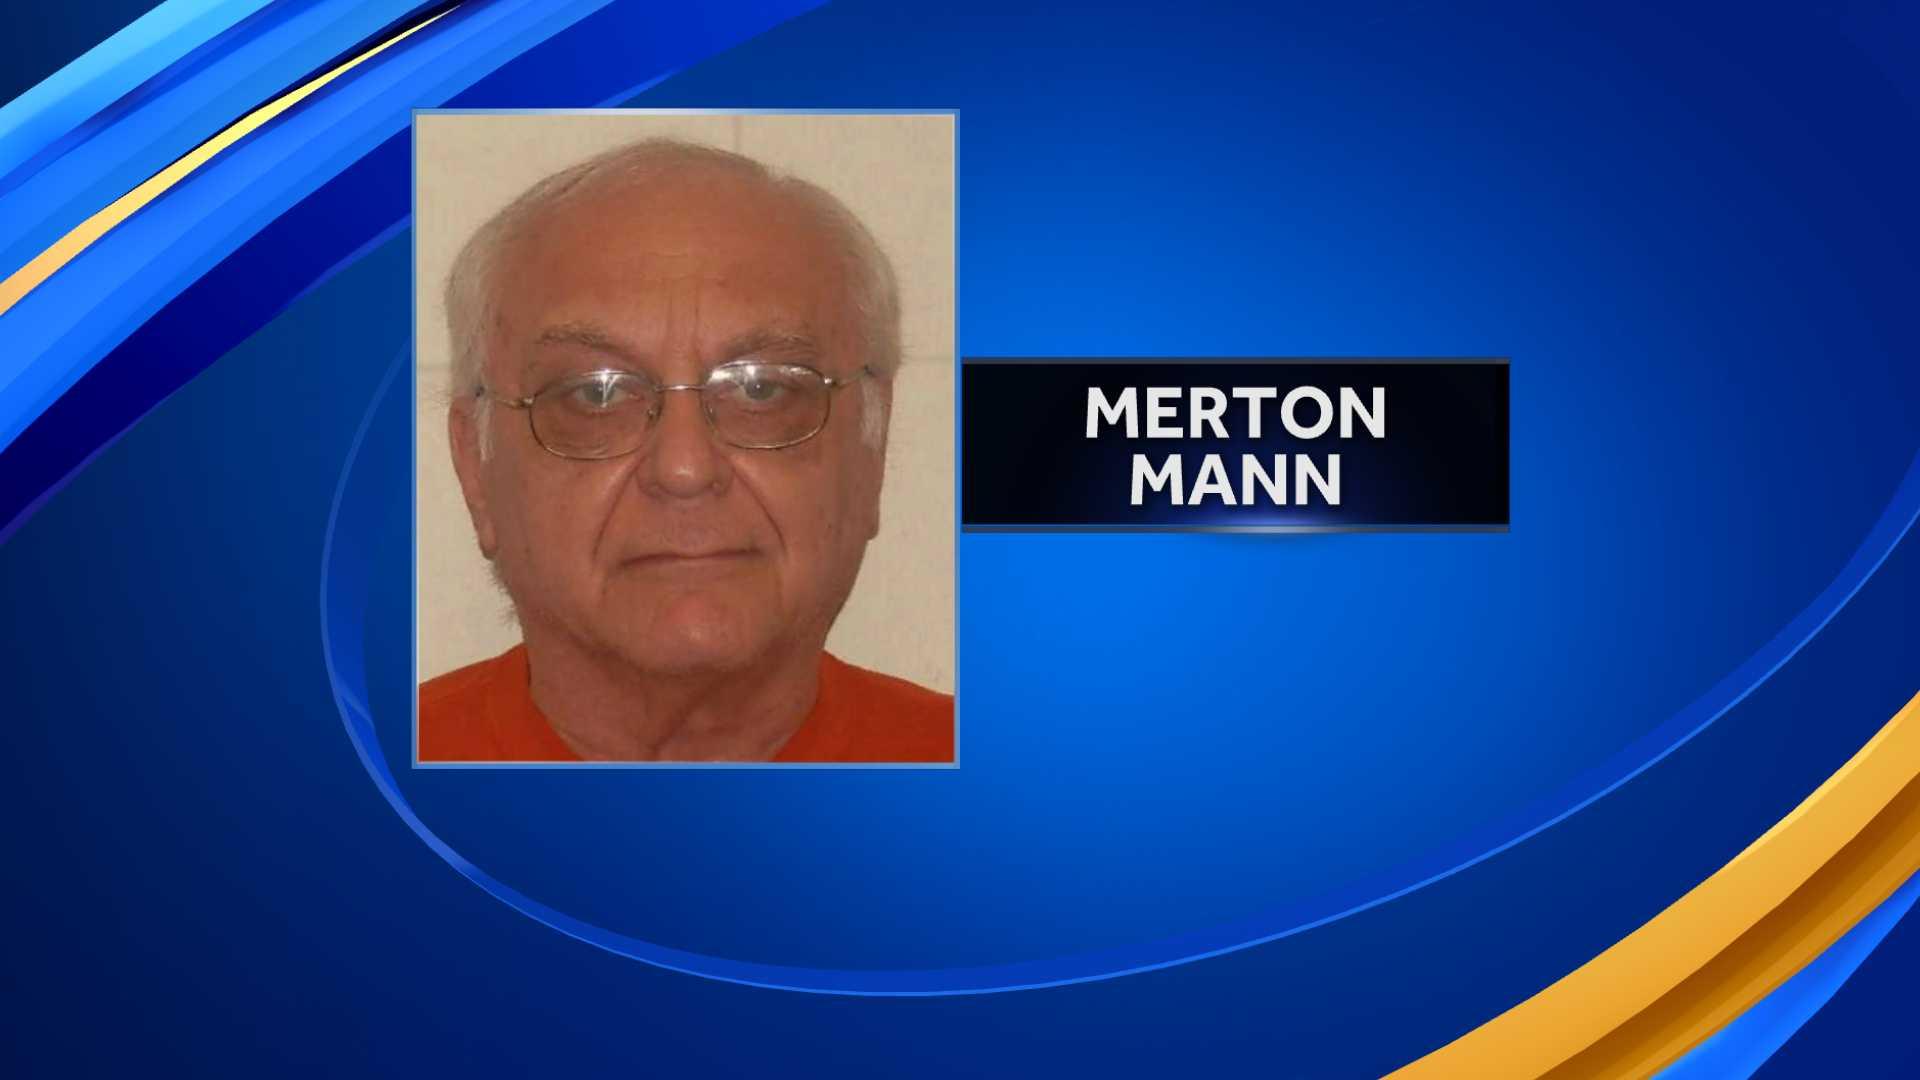 Merton Mann